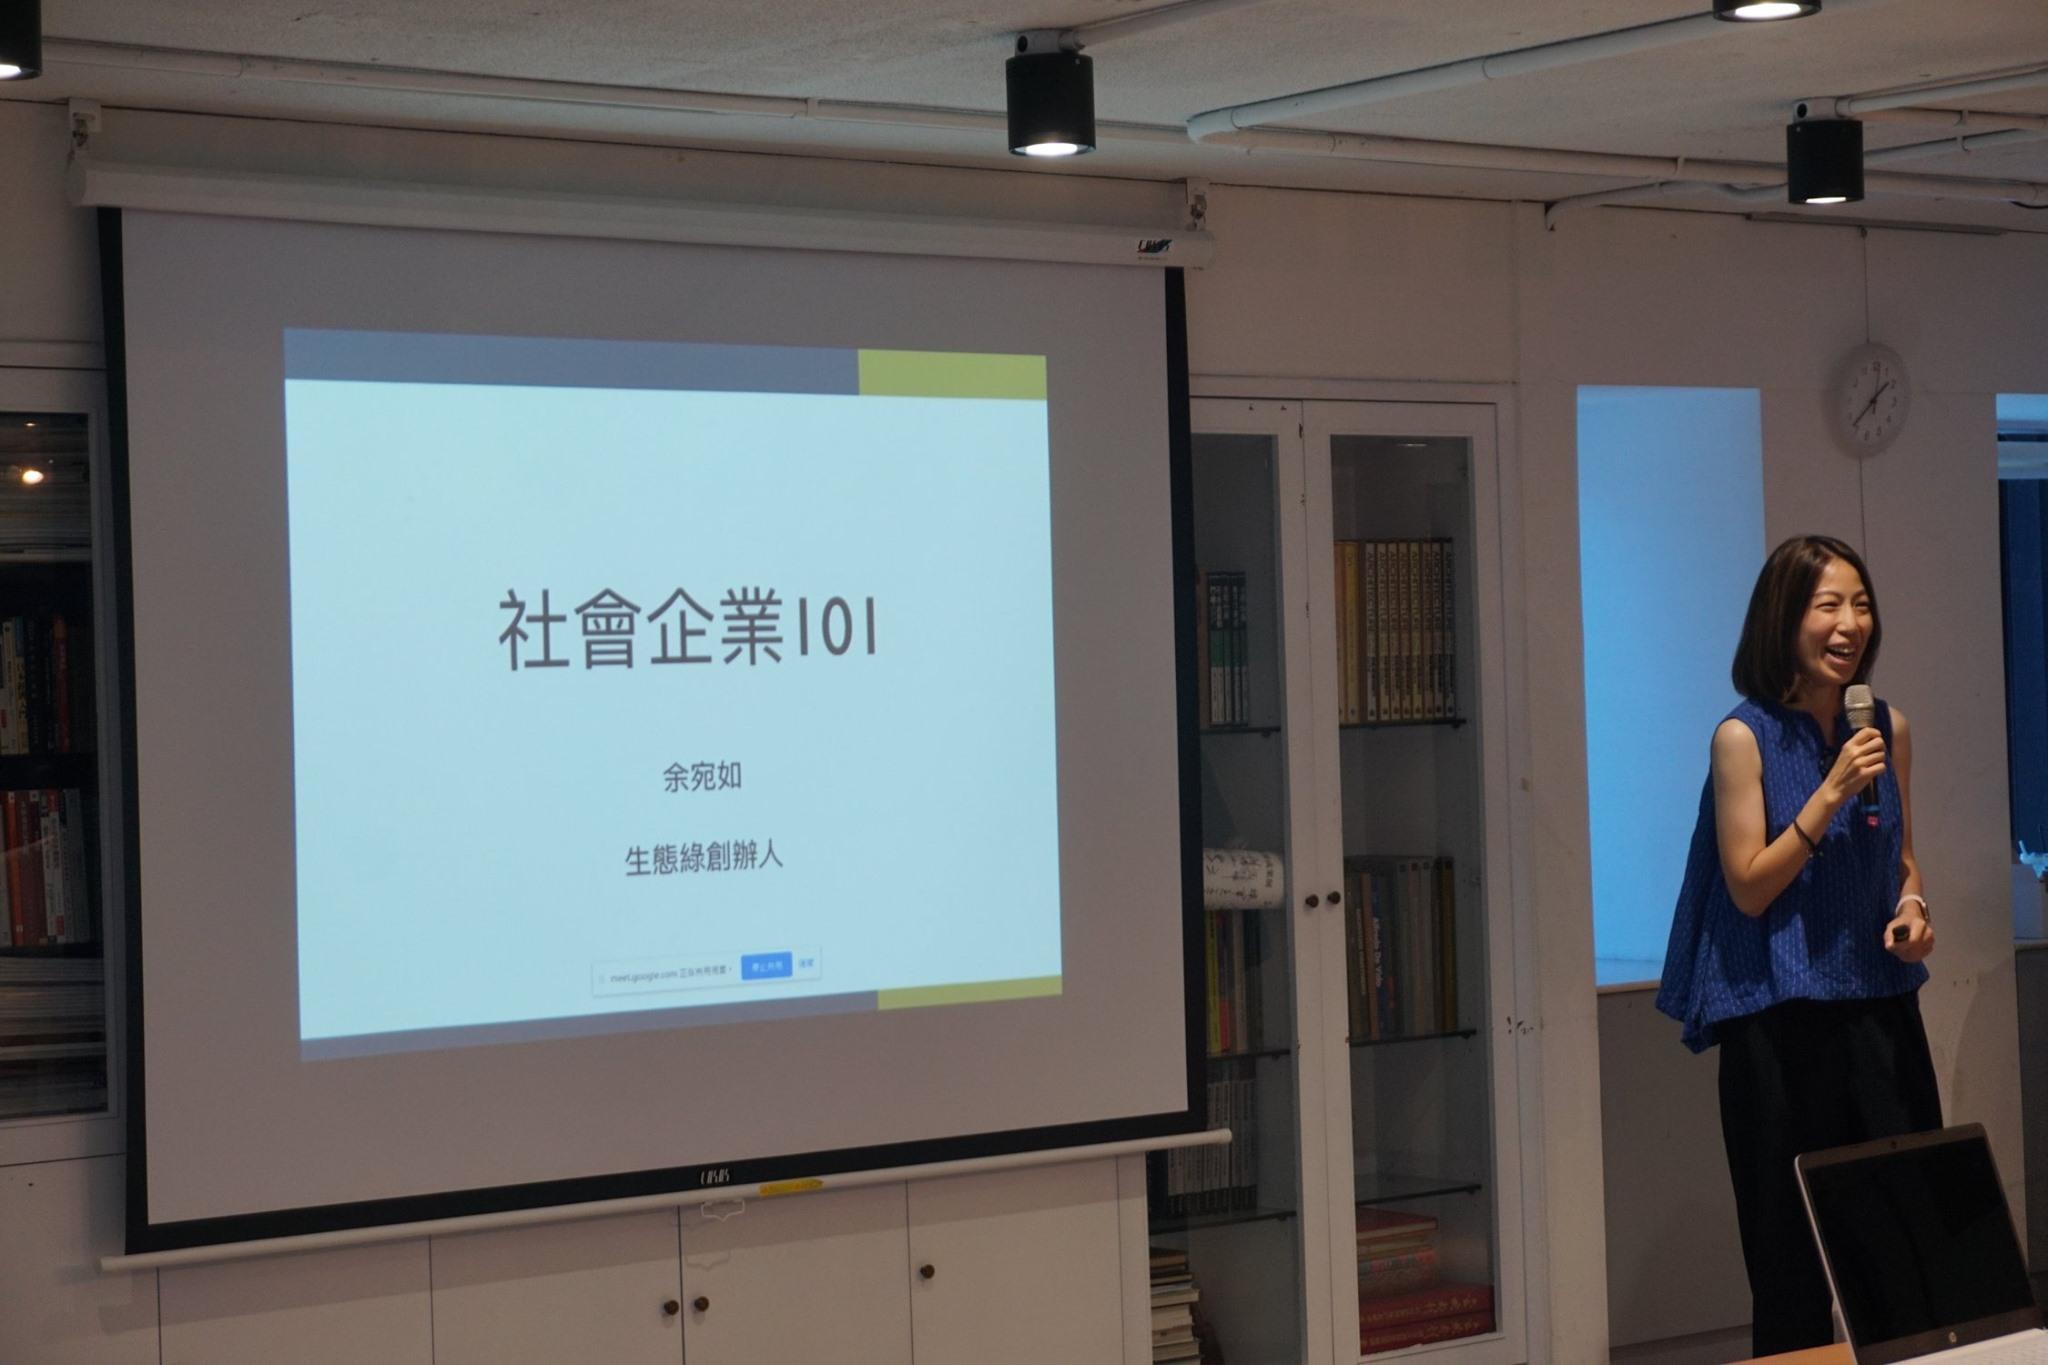 【精彩回顧】7/12-社會創業家第1堂課《社企101》